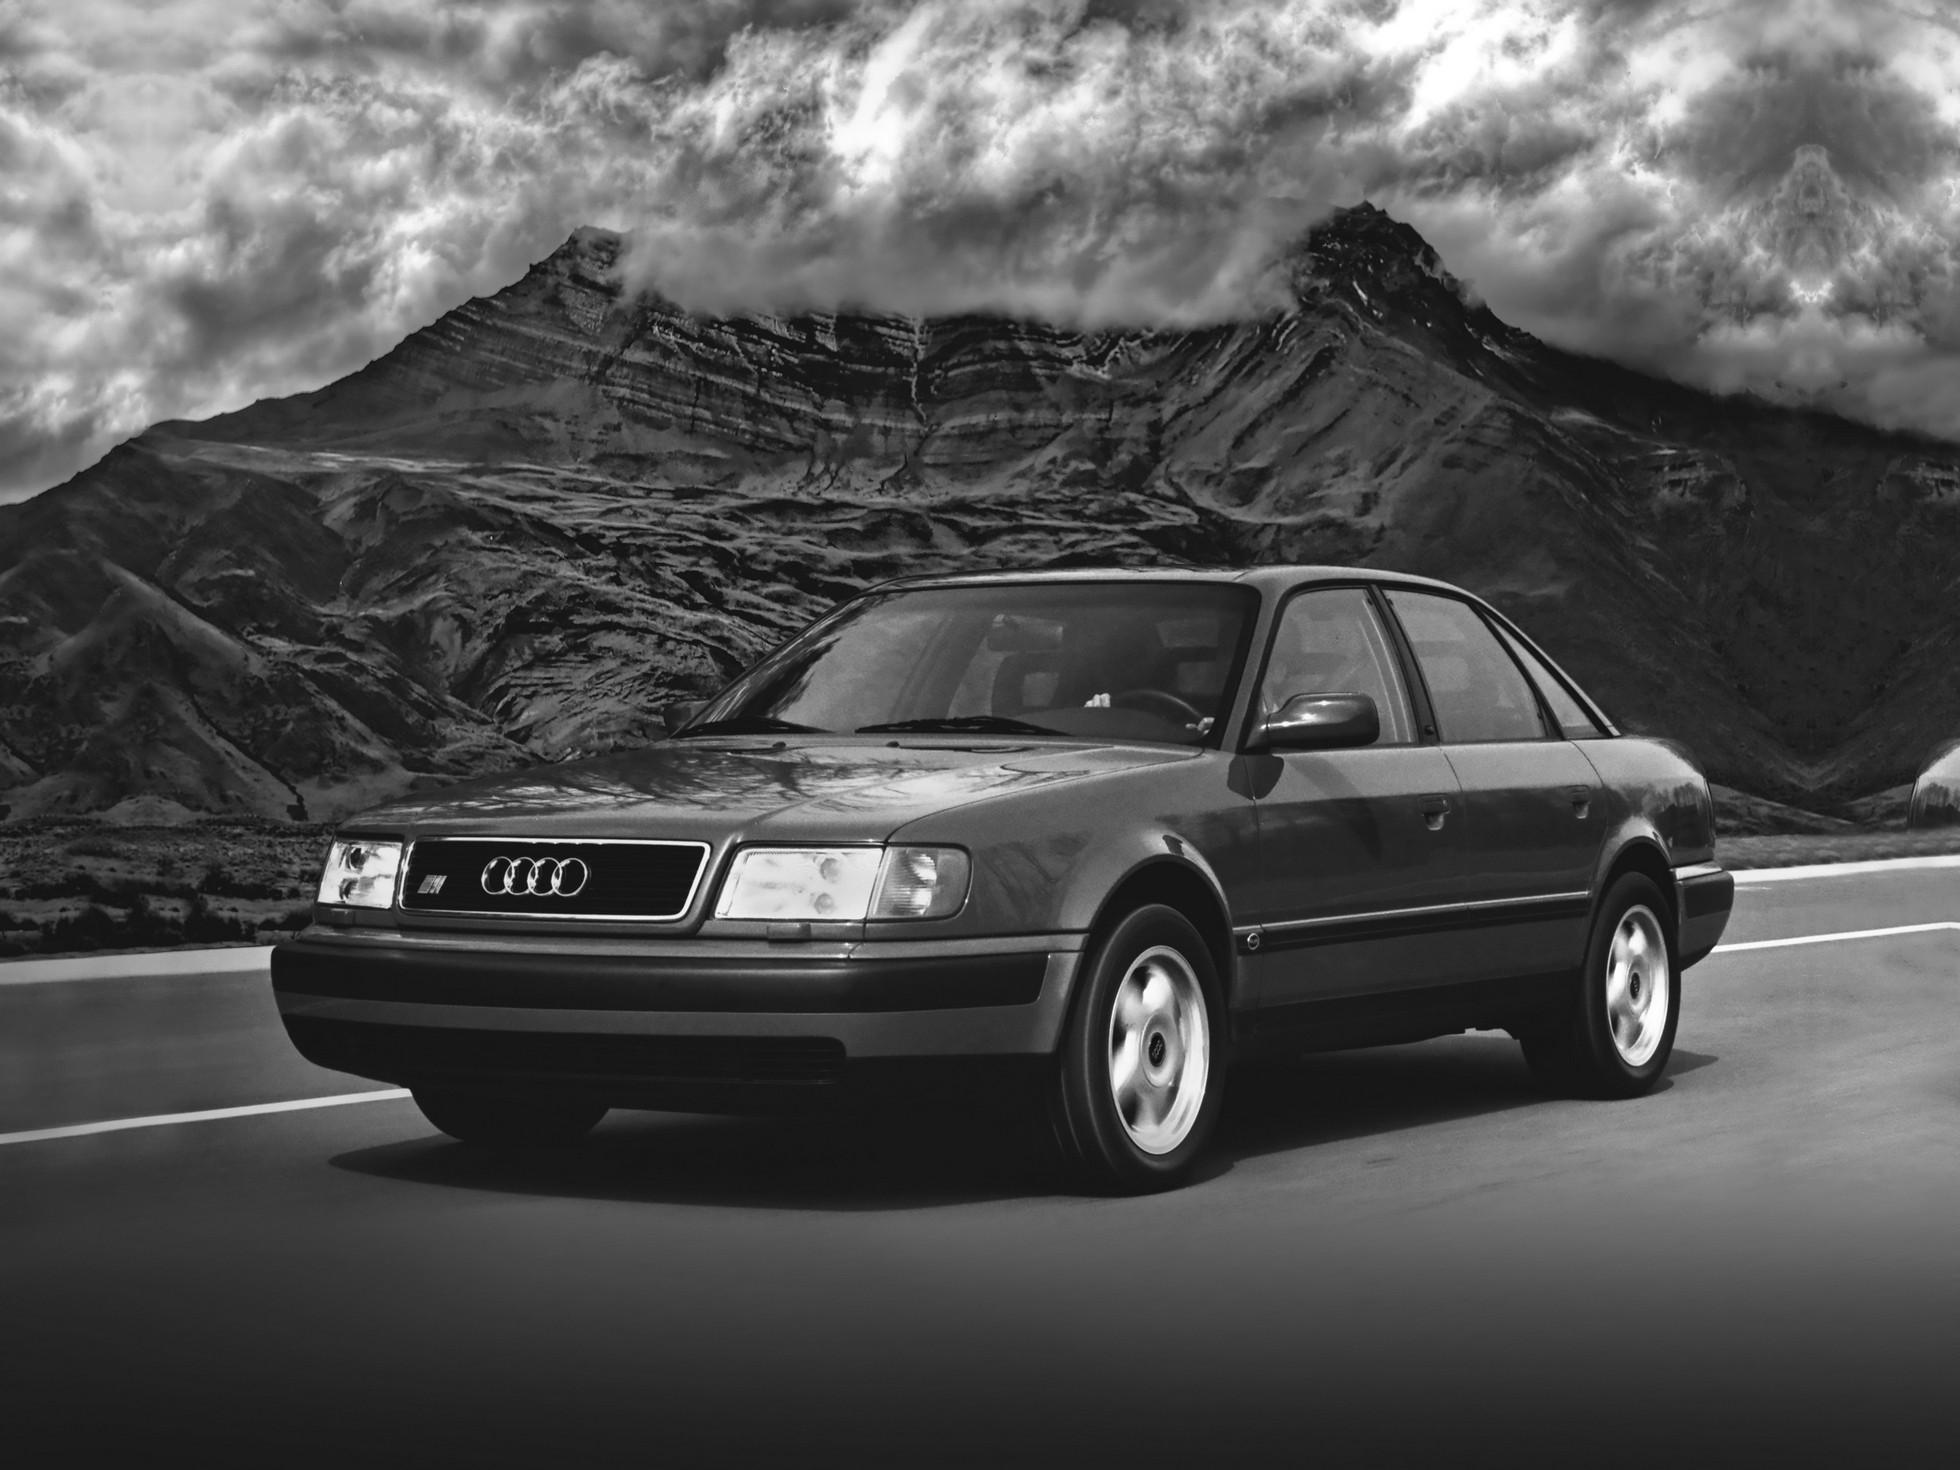 Фото автомобиля Audi 100 C4 (Ауди 100 С4)